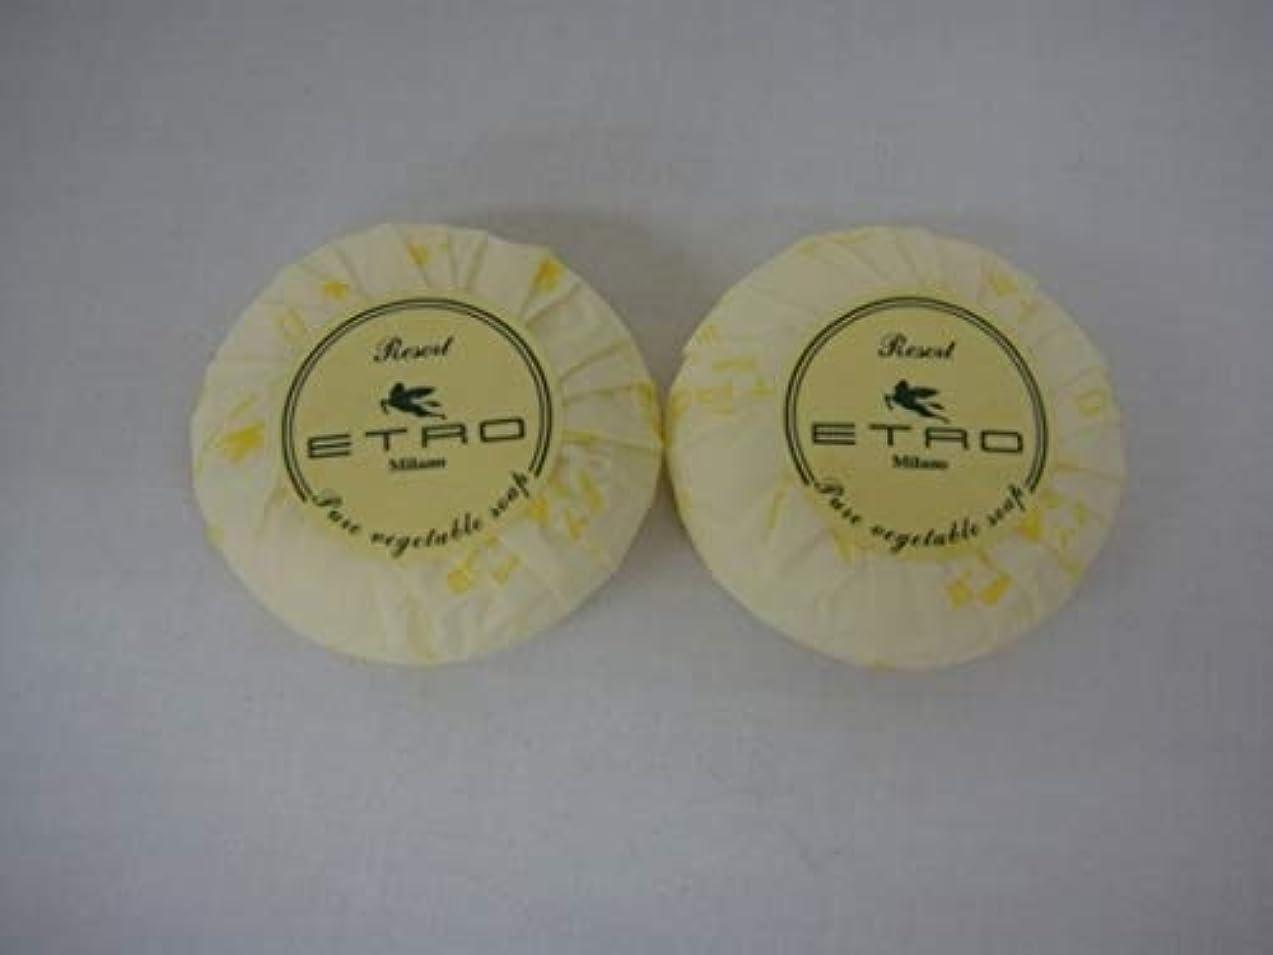 延期するフォージホール【X2個セット】ETRO エトロ ピュアベジタブルソープ 石鹸40g×2個 (合計4個)